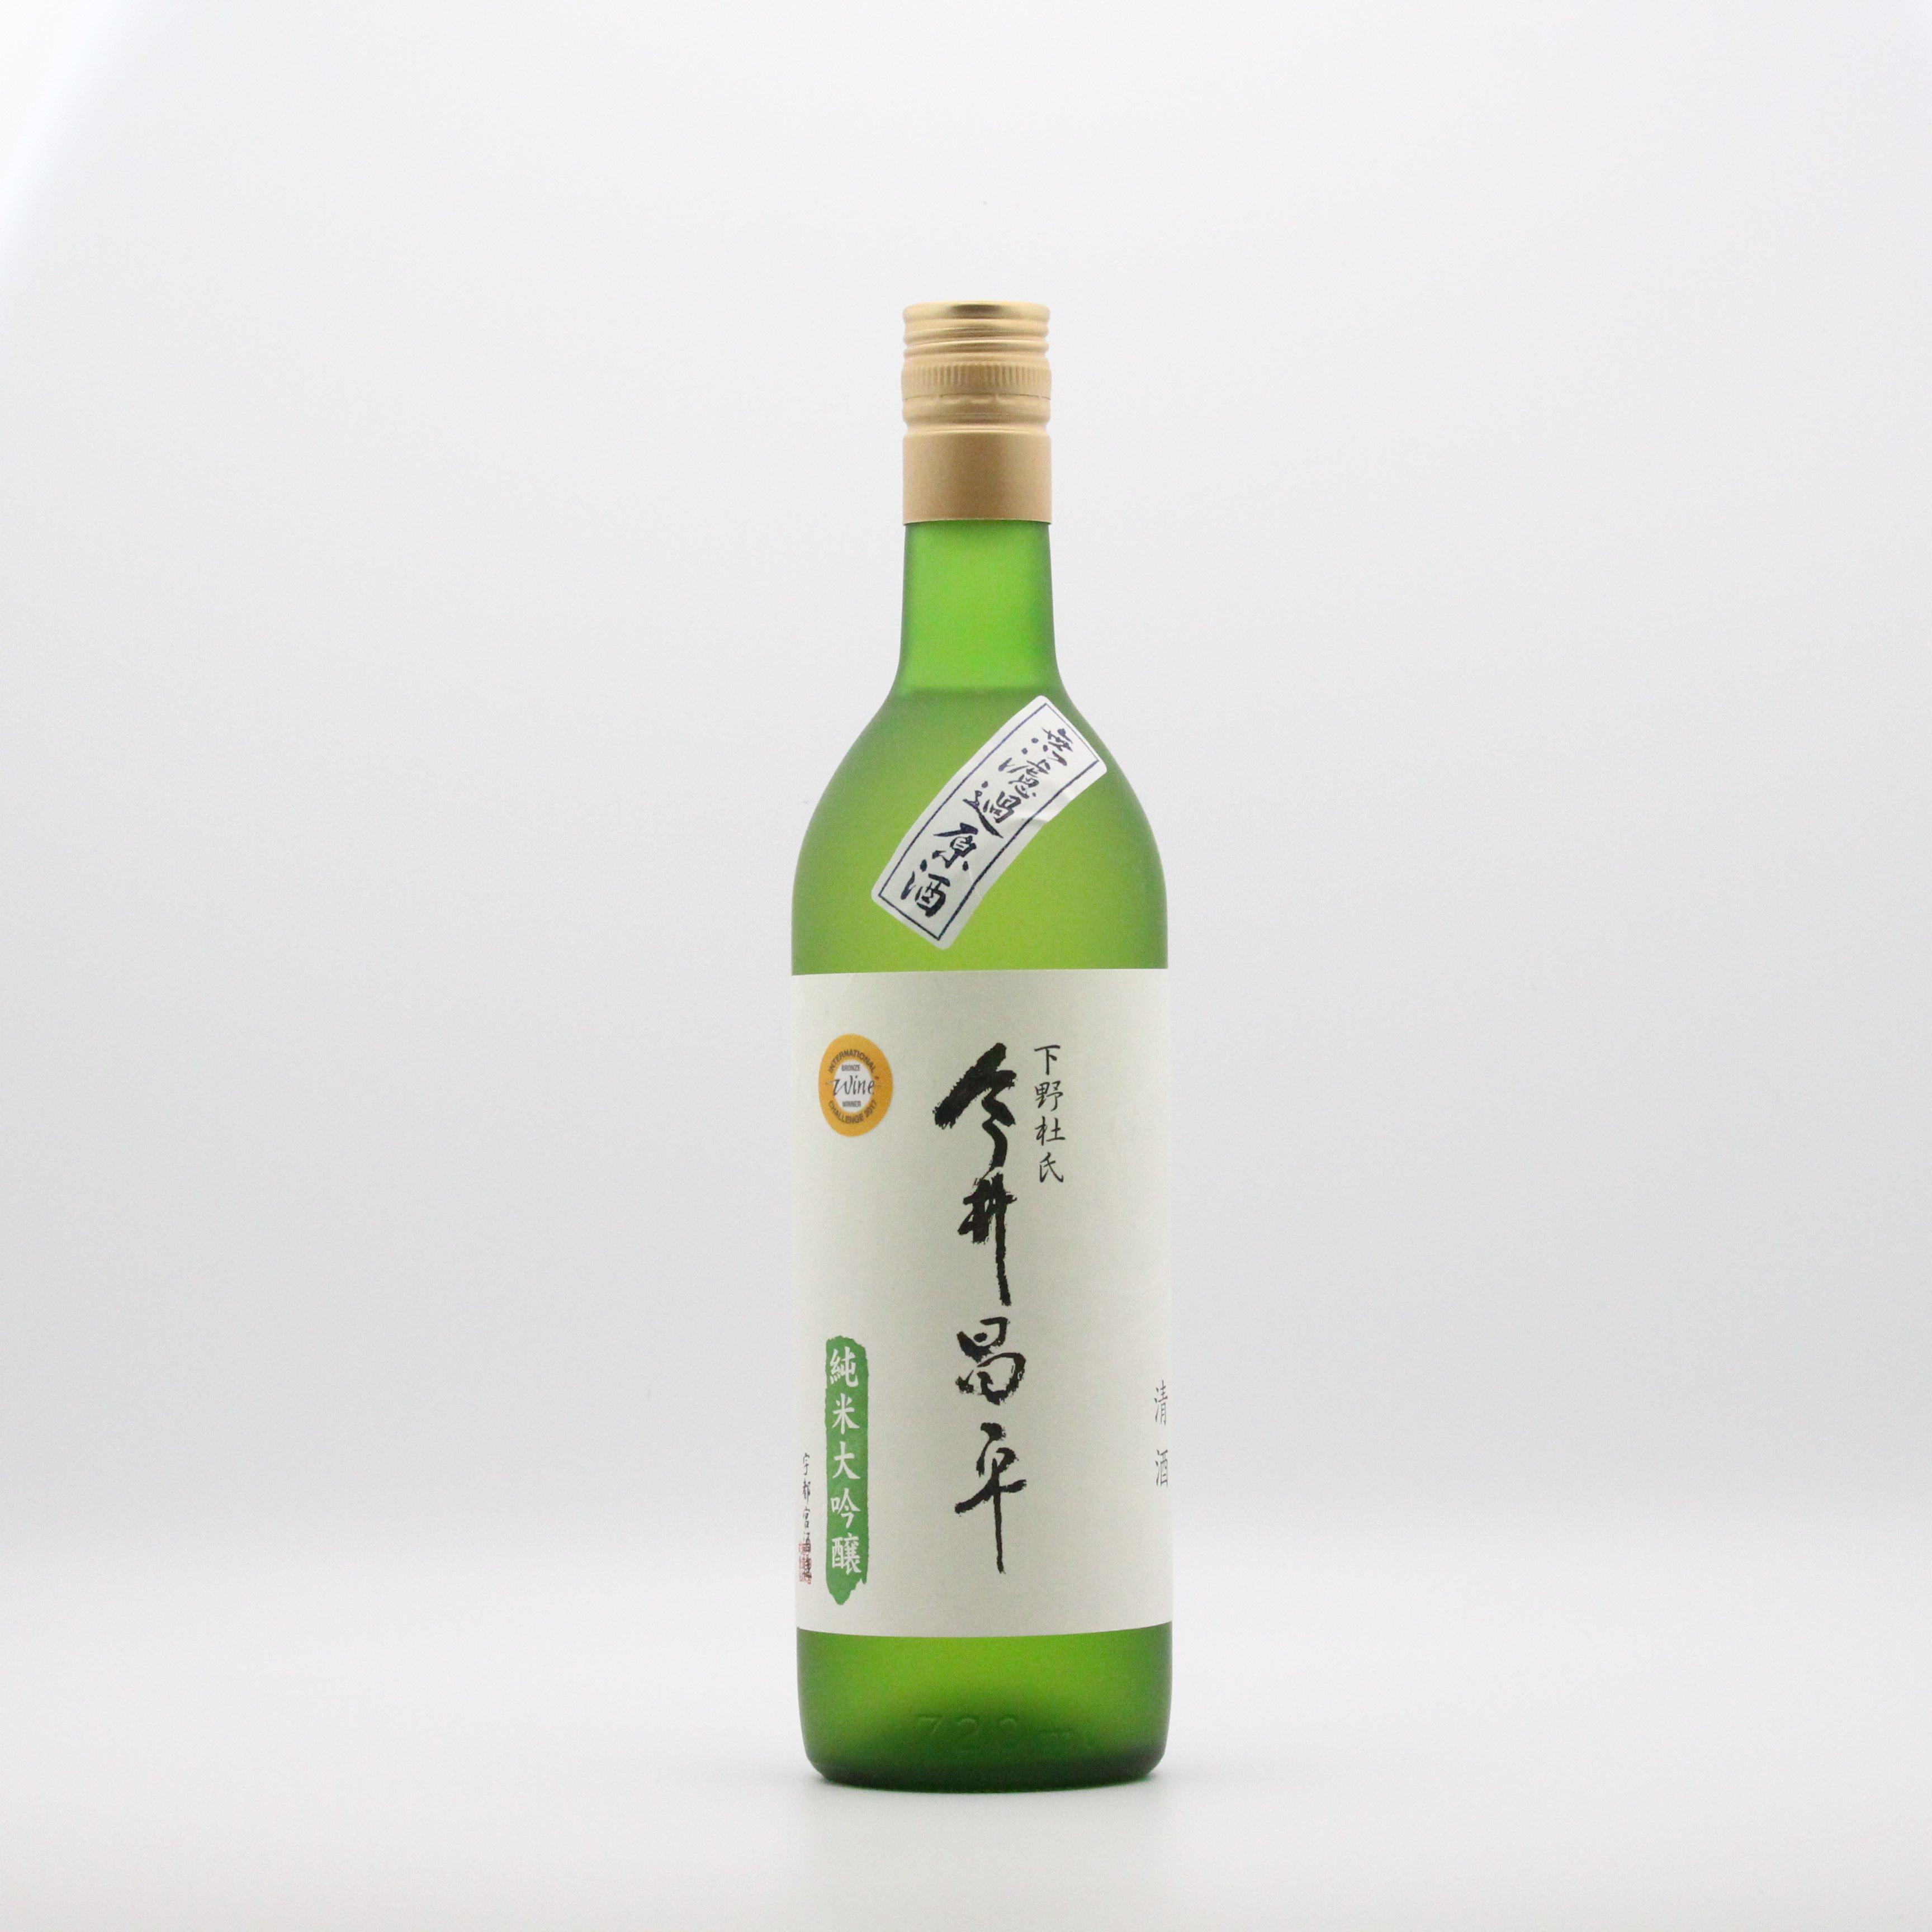 宇都宮酒造/今井昌平(純米大吟醸原酒)) 720ml